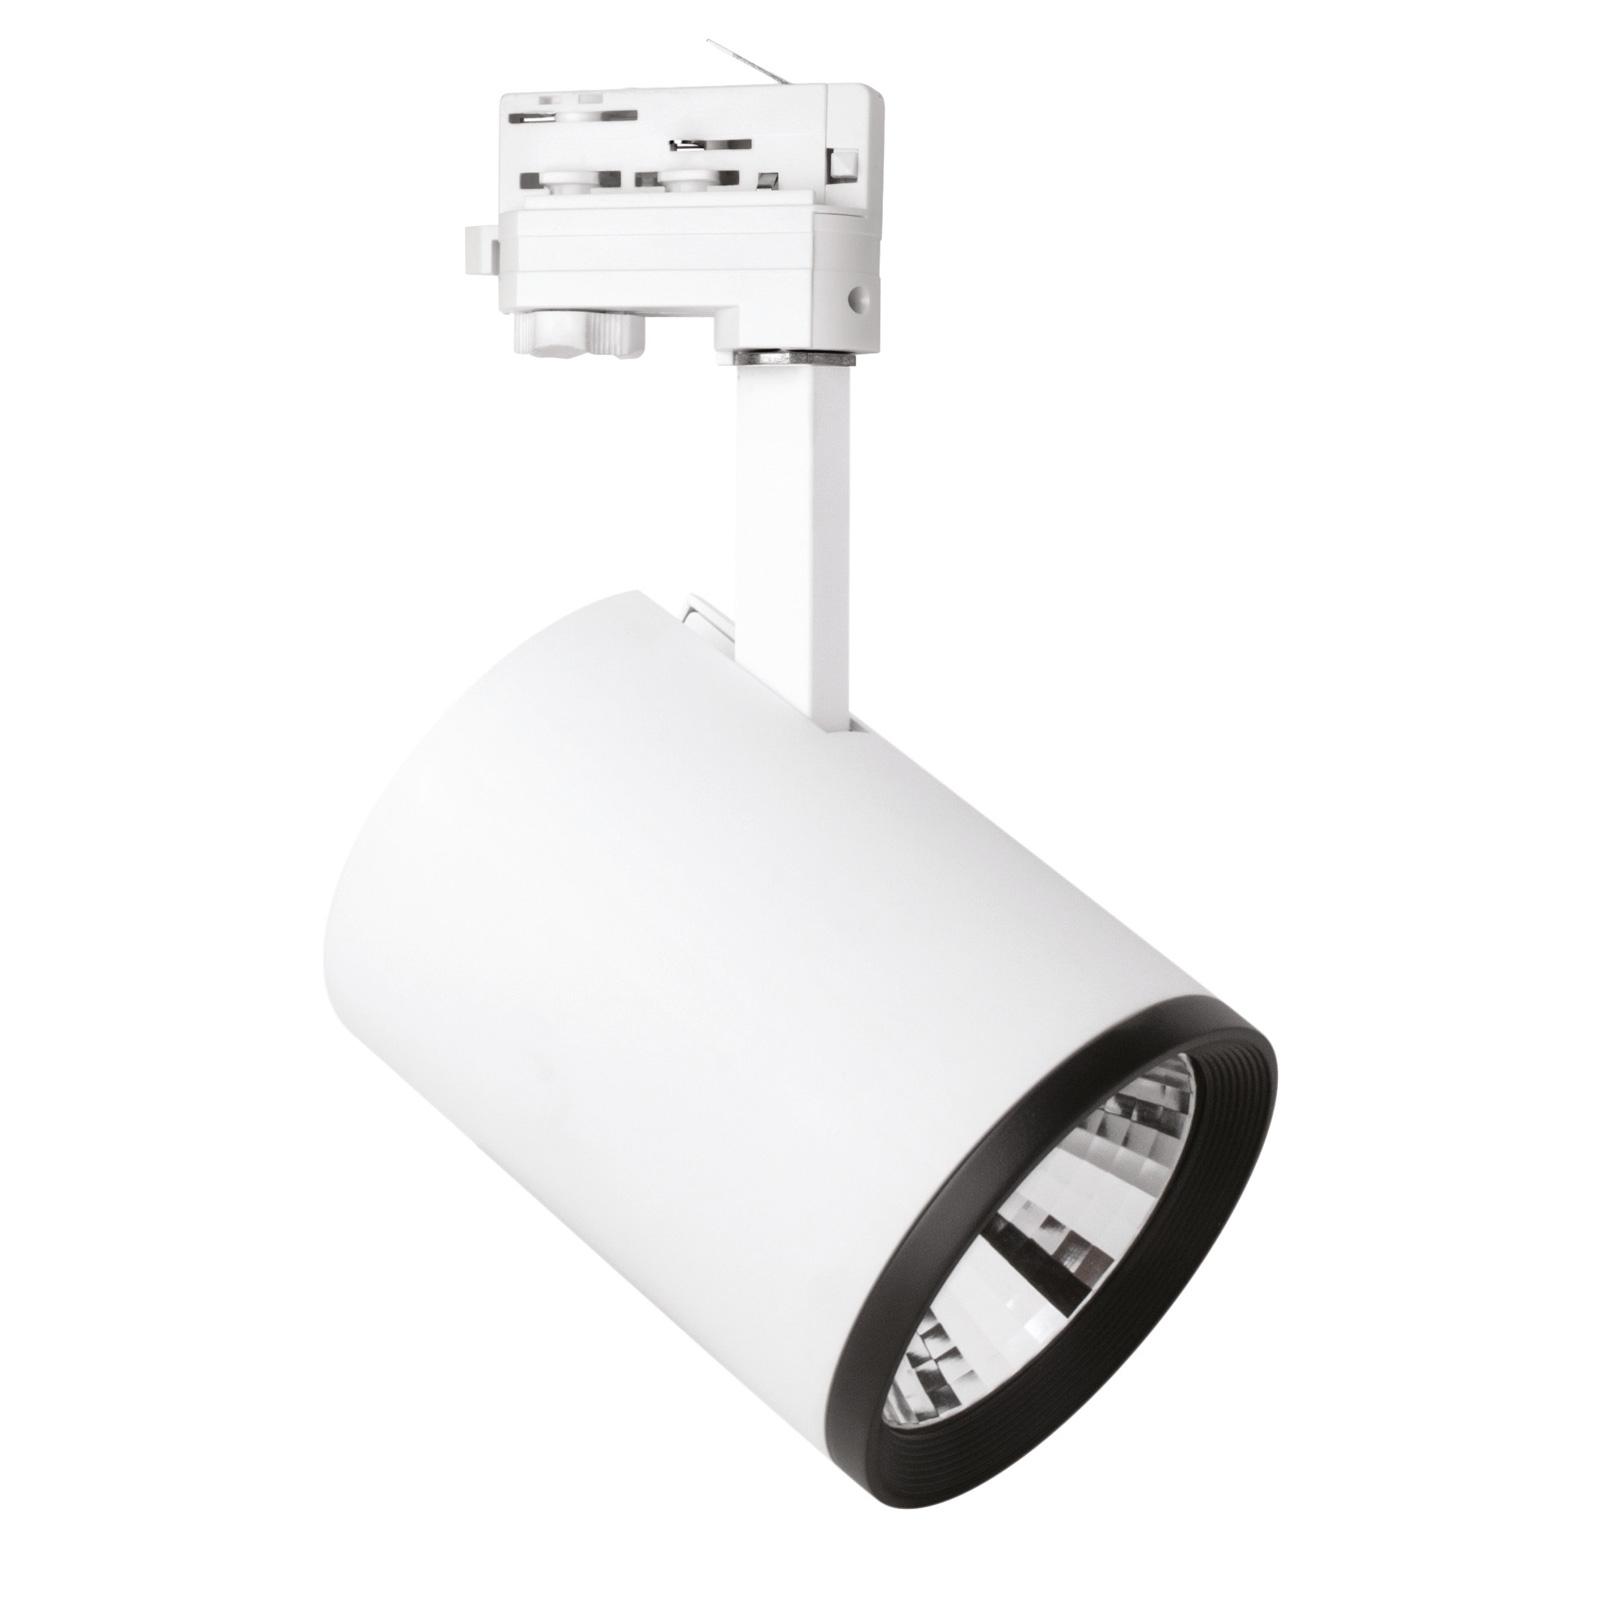 LED-spotti Marco 3-vaihekiskoon, valkoinen 3 000 K